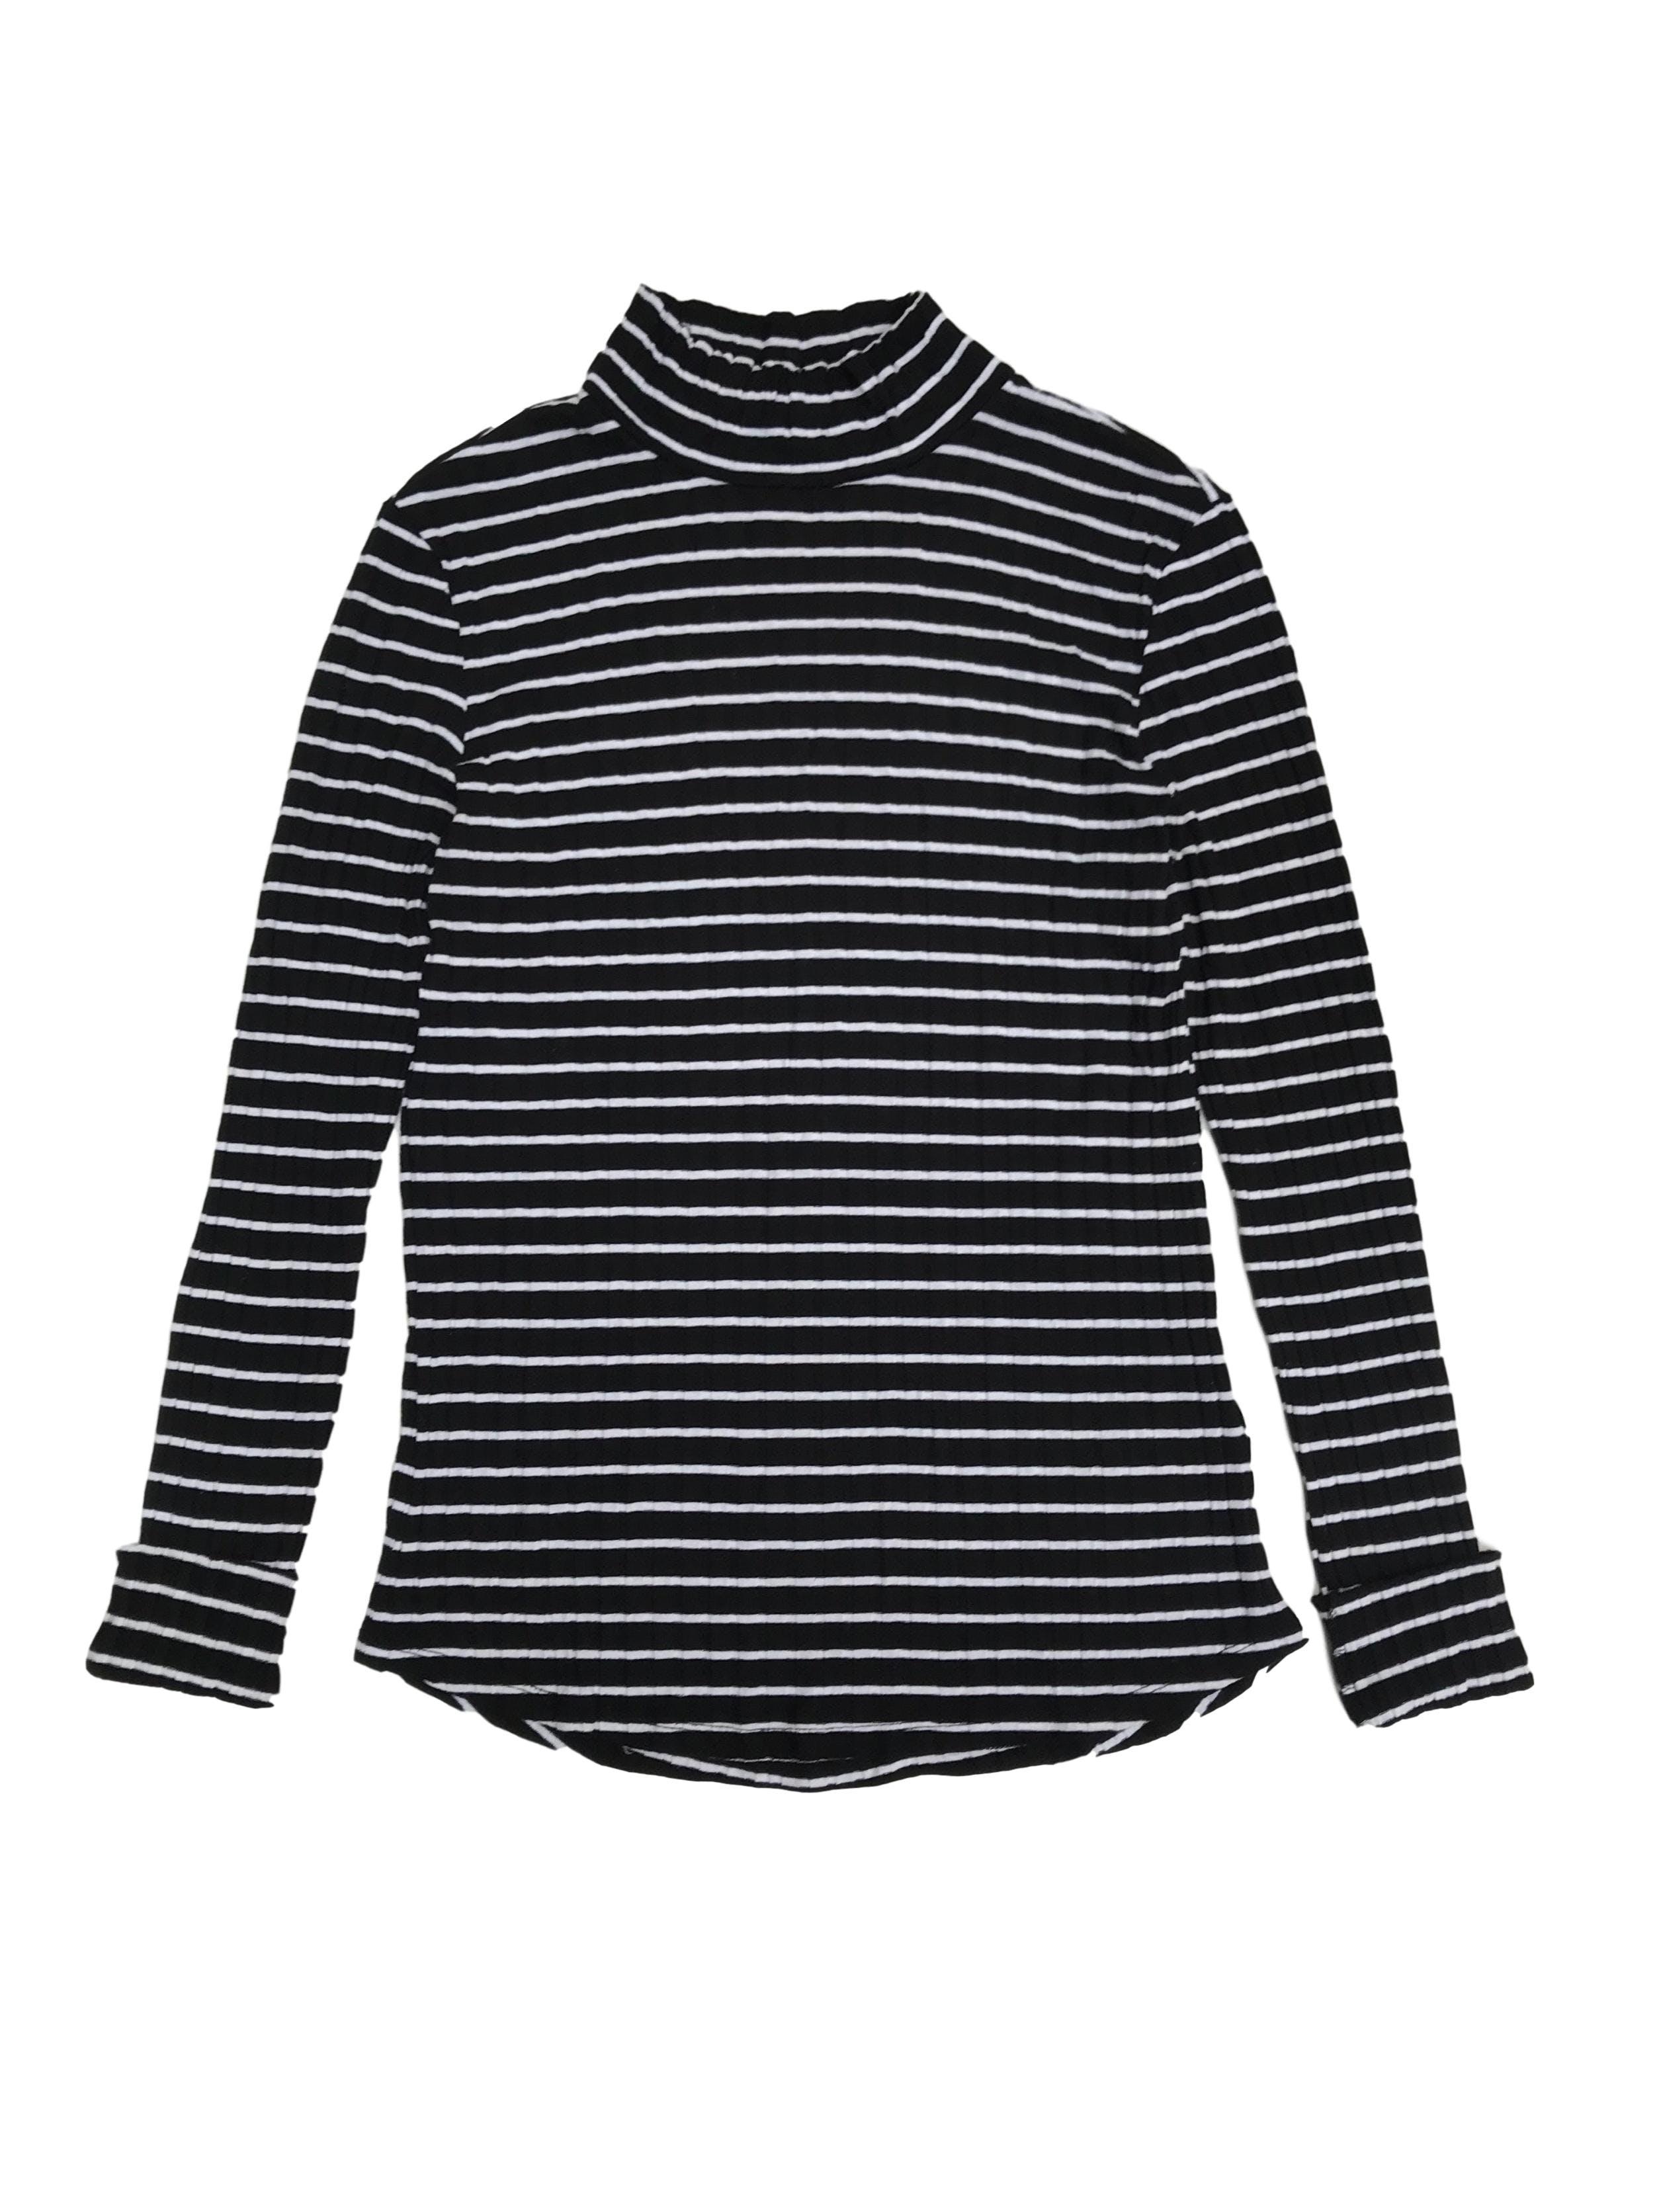 Polo H&M negro con líneas blancas, textura acanalada y cuello alto